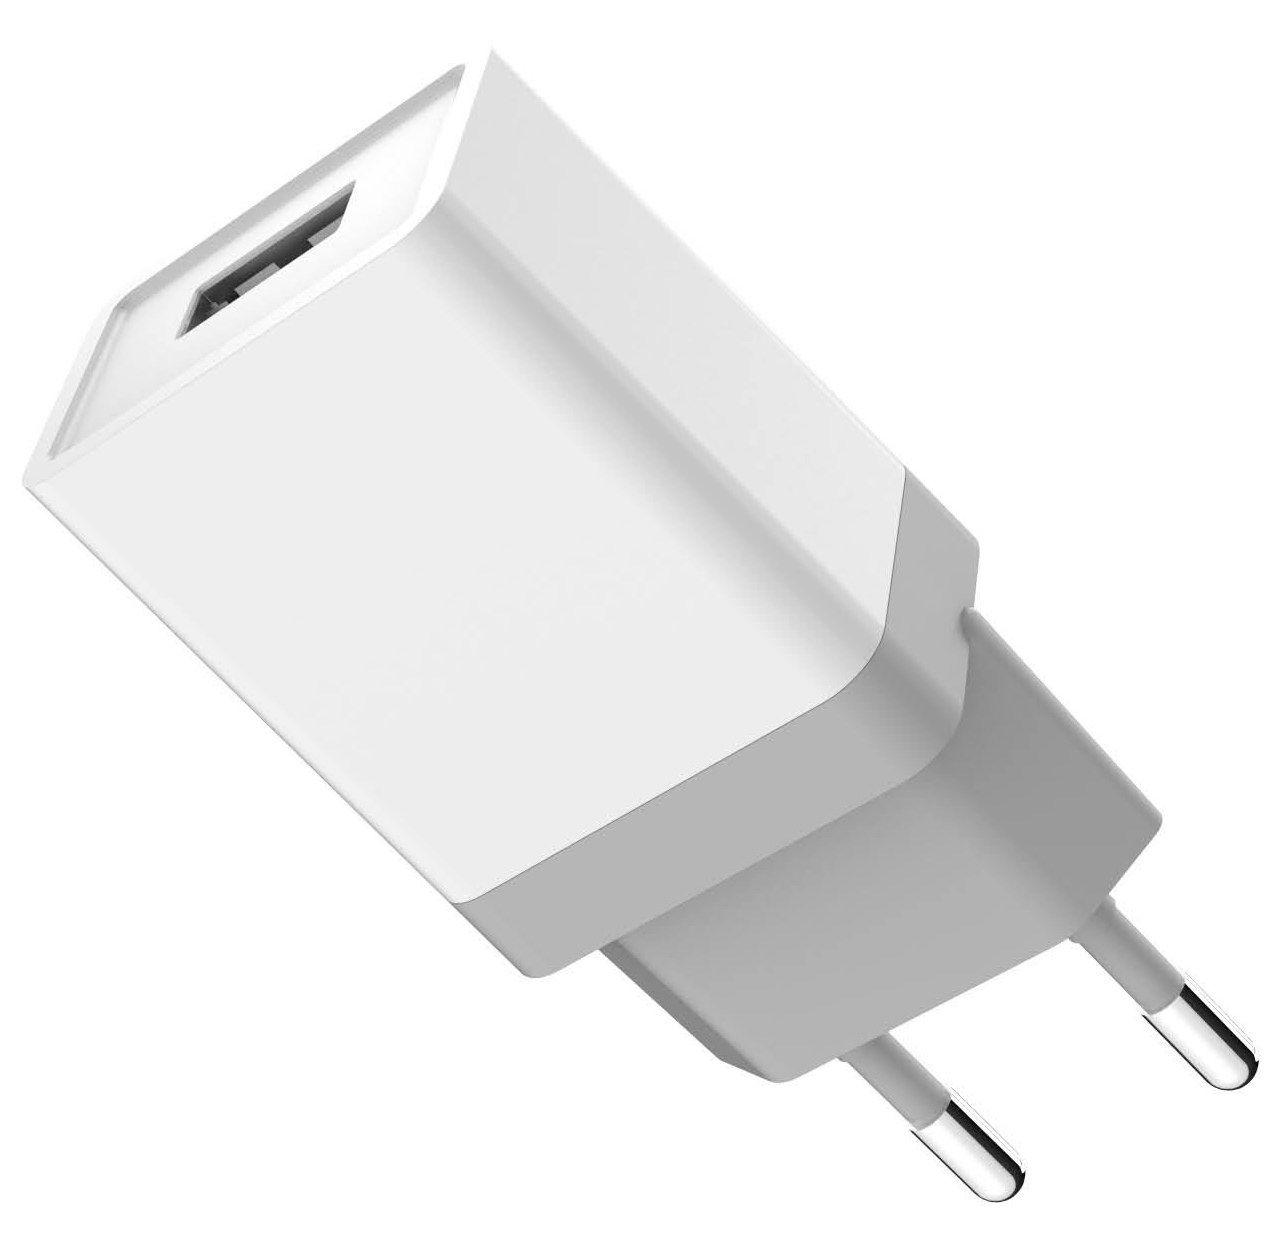 Купить Зарядные устройства, GOLF GF-U1 Travel charger 1USB 1A White